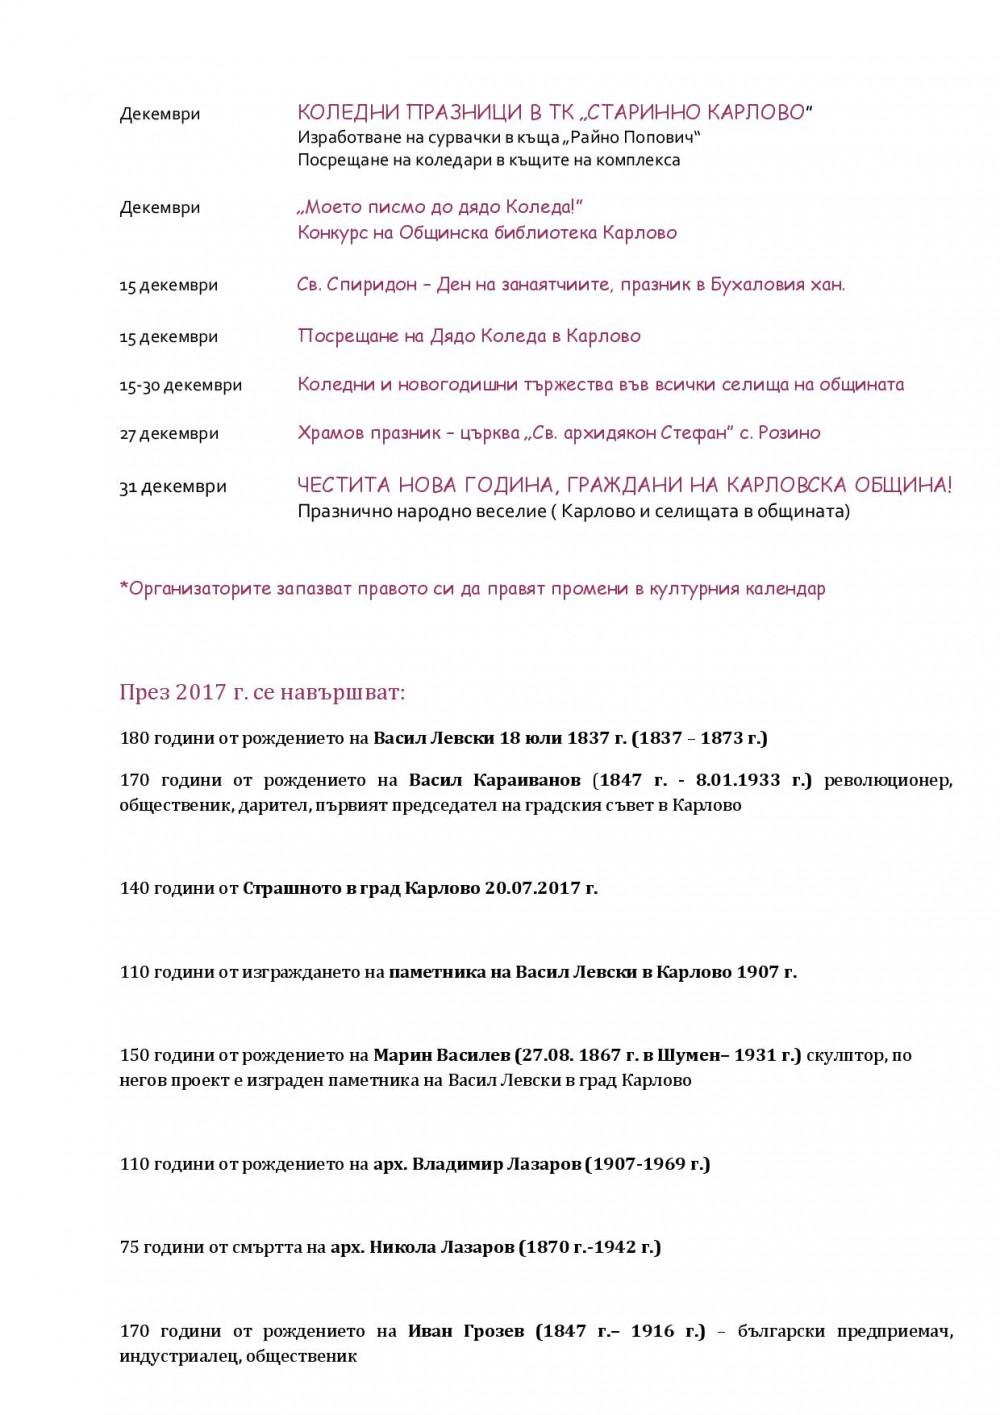 Kulturen kalendar 2017108